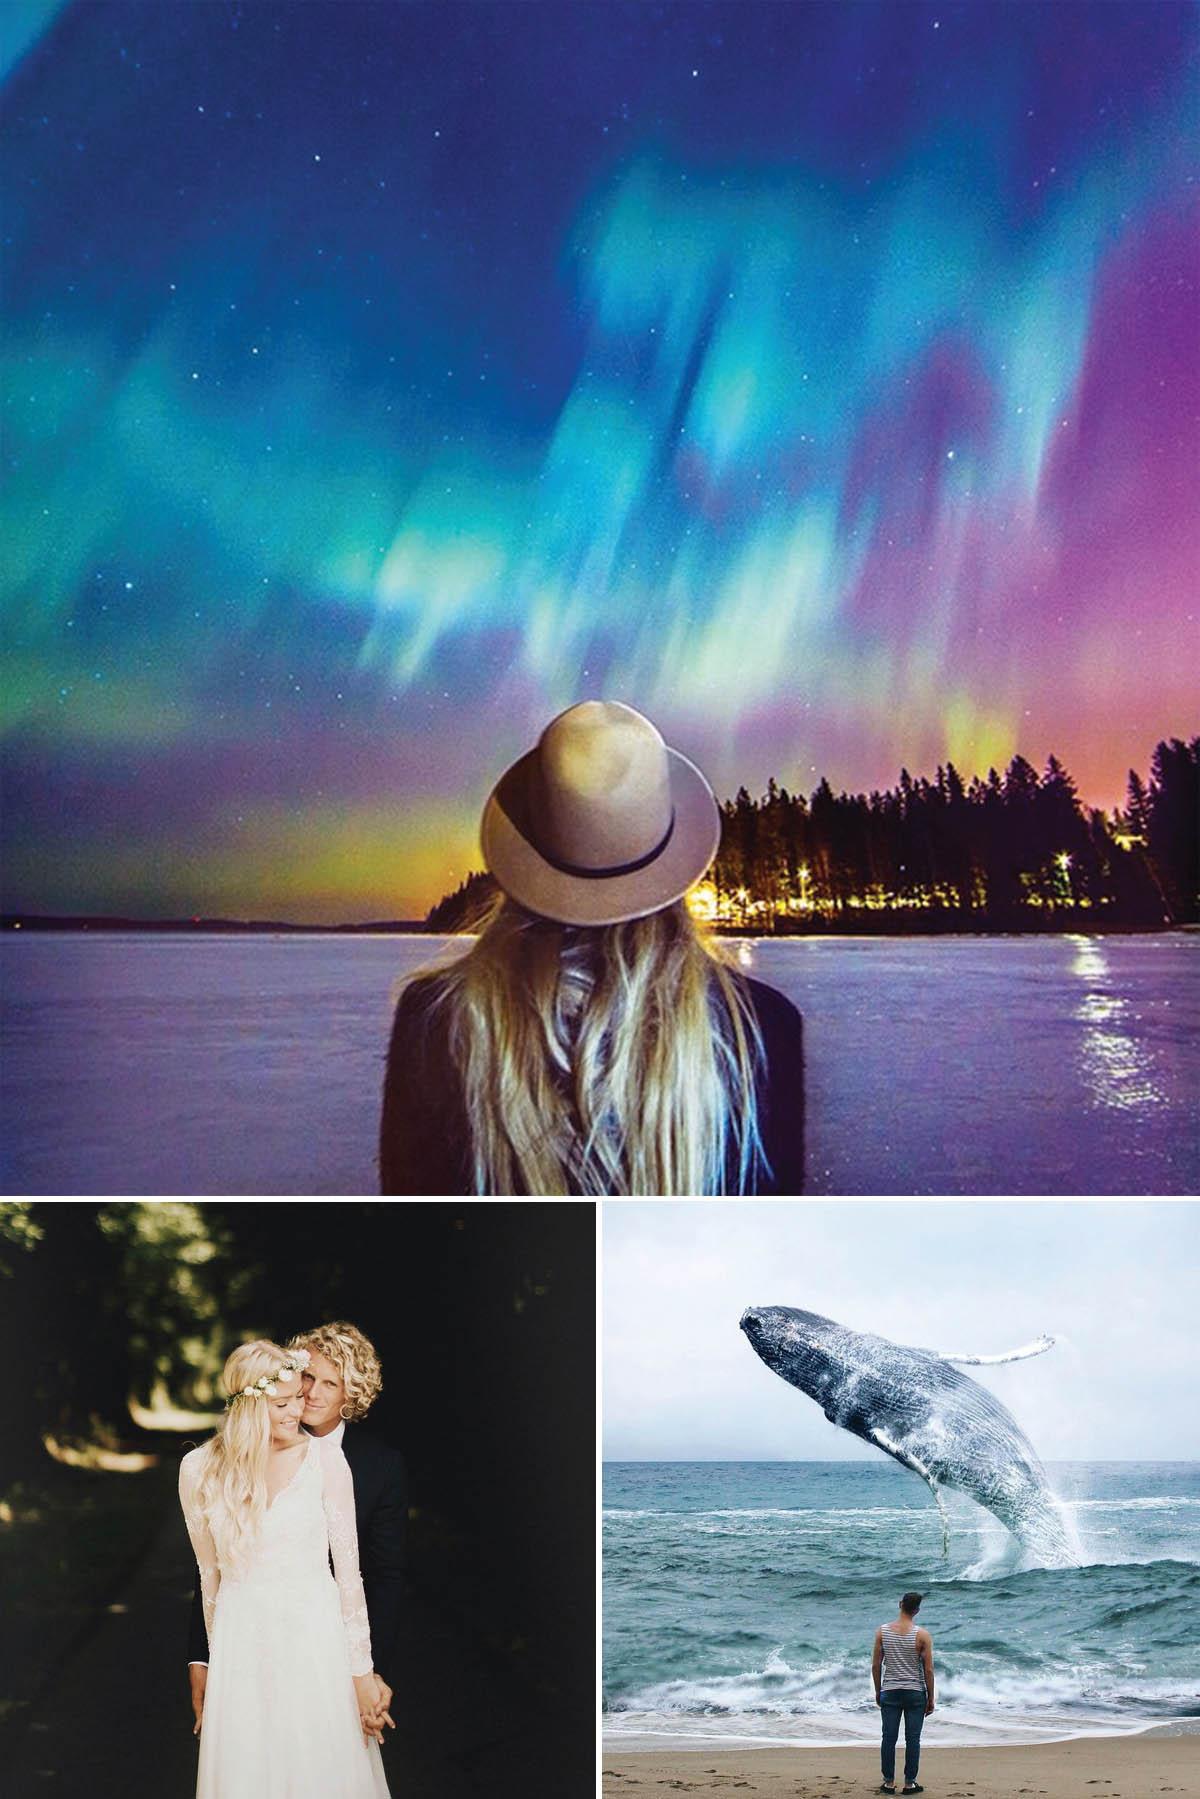 Đi du lịch qua tài khoản instagram của các cặp đôi